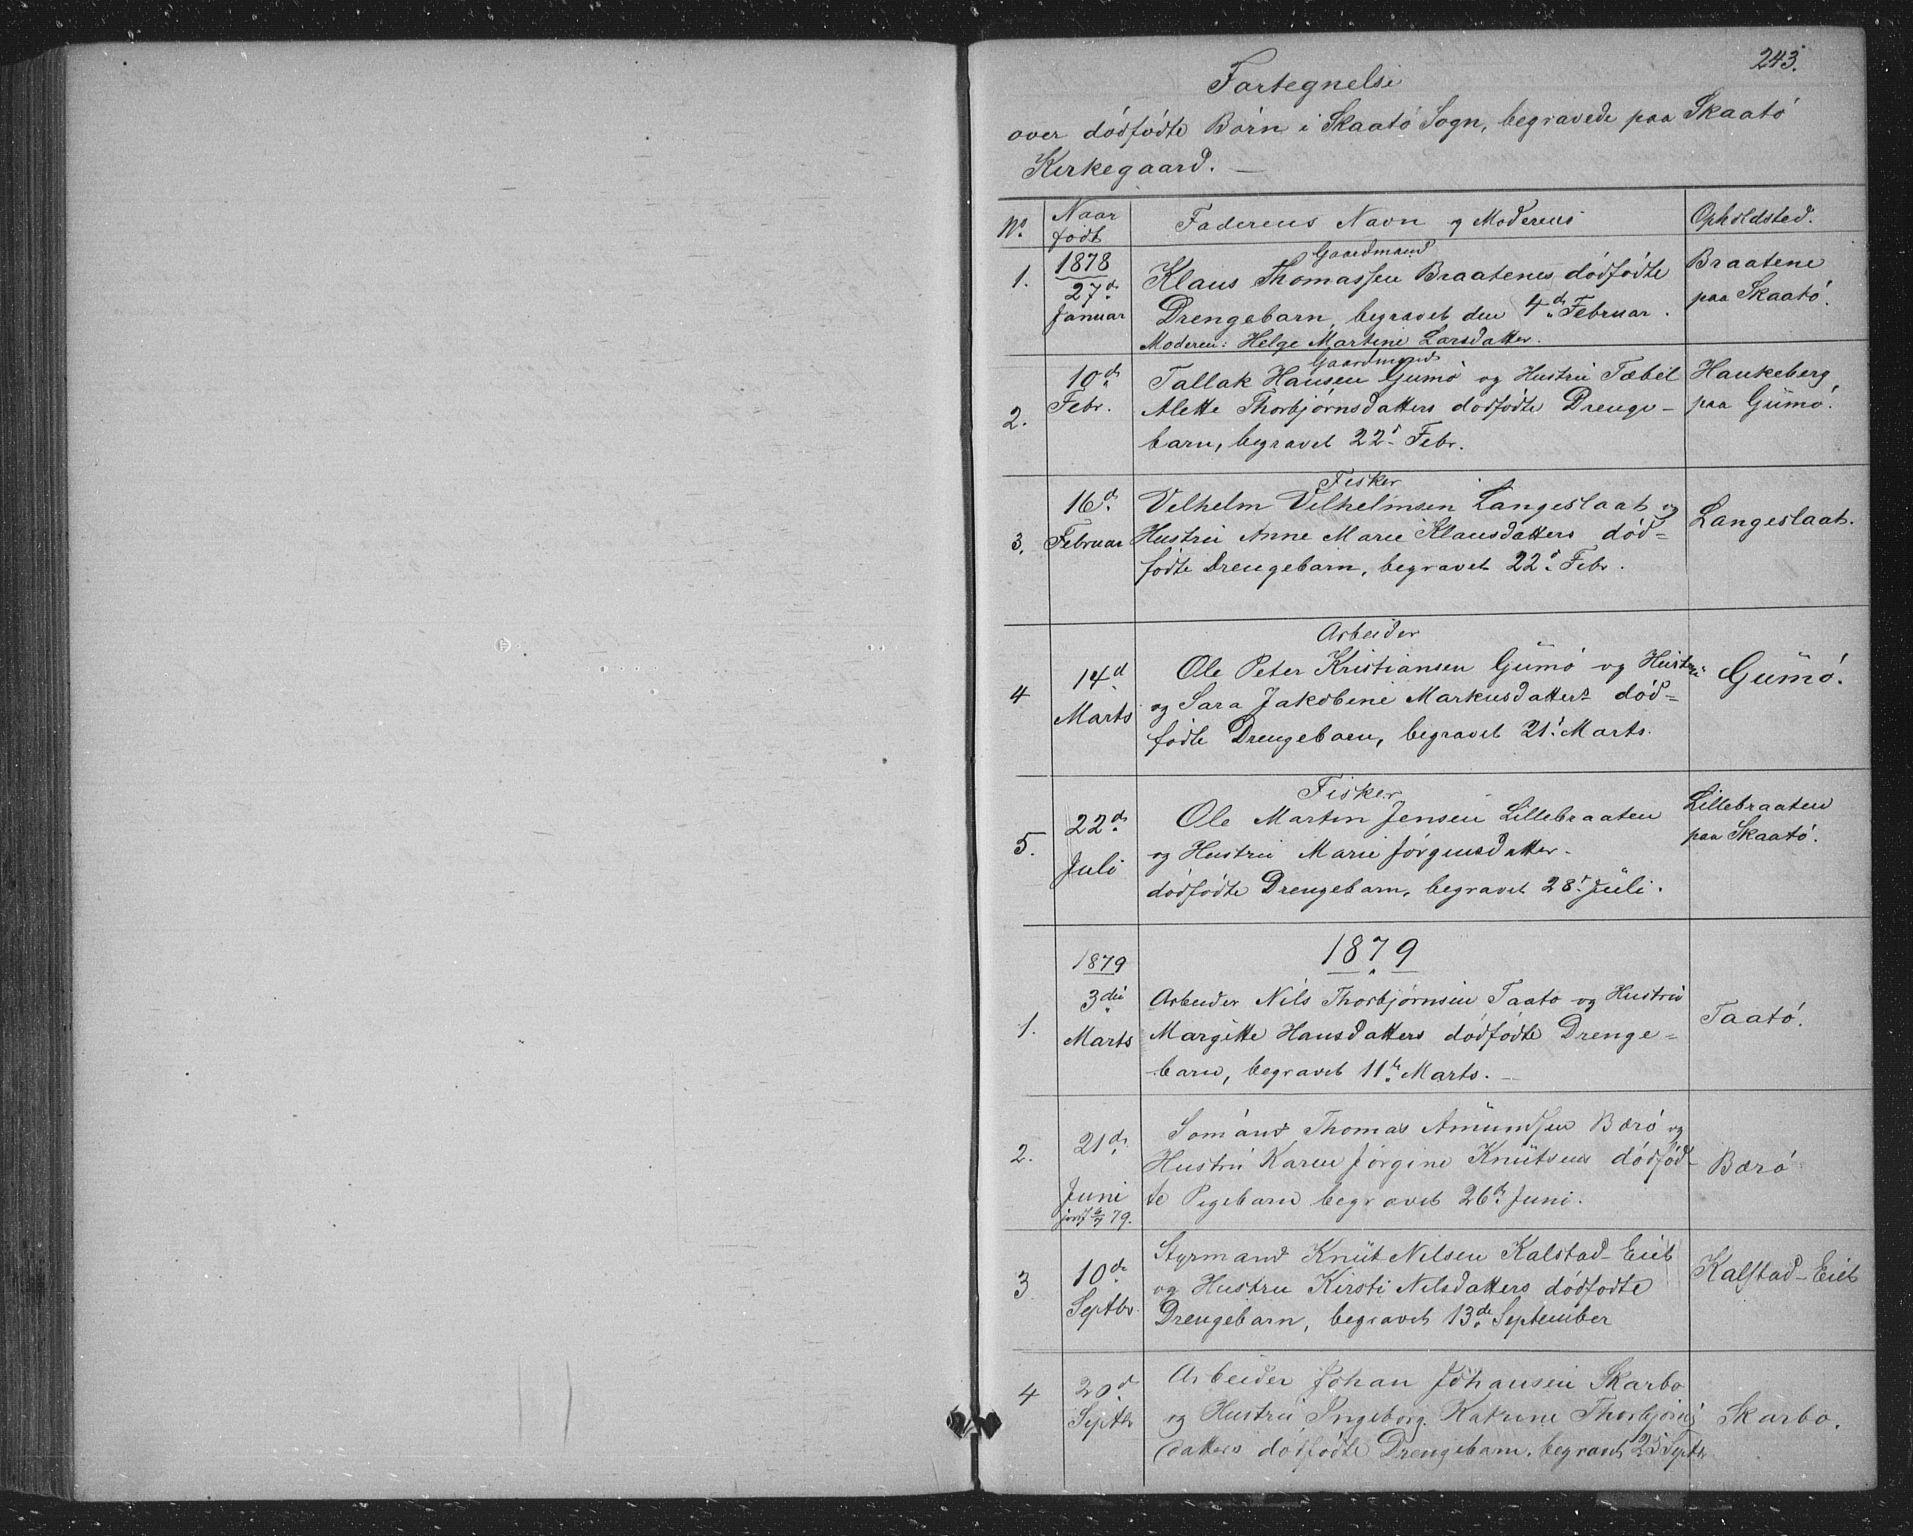 SAKO, Skåtøy kirkebøker, G/Ga/L0002: Klokkerbok nr. I 2, 1872-1884, s. 243